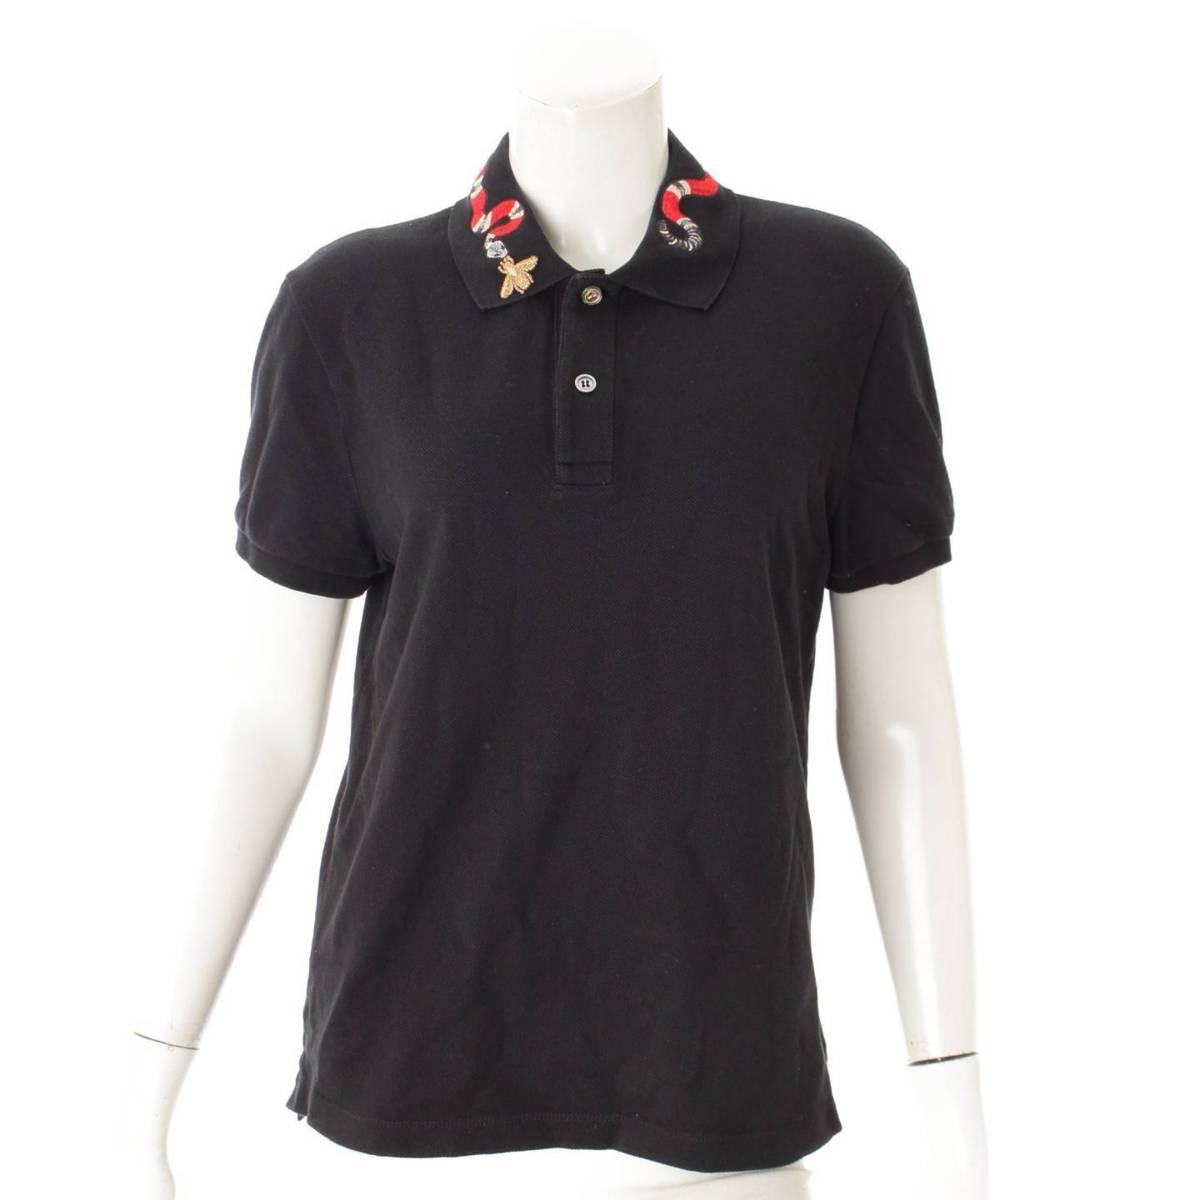 【グッチ】Gucci スネークエンブロイダリー ポロシャツ 408323 ブラック XS 【中古】【鑑定済・正規品保証】86897